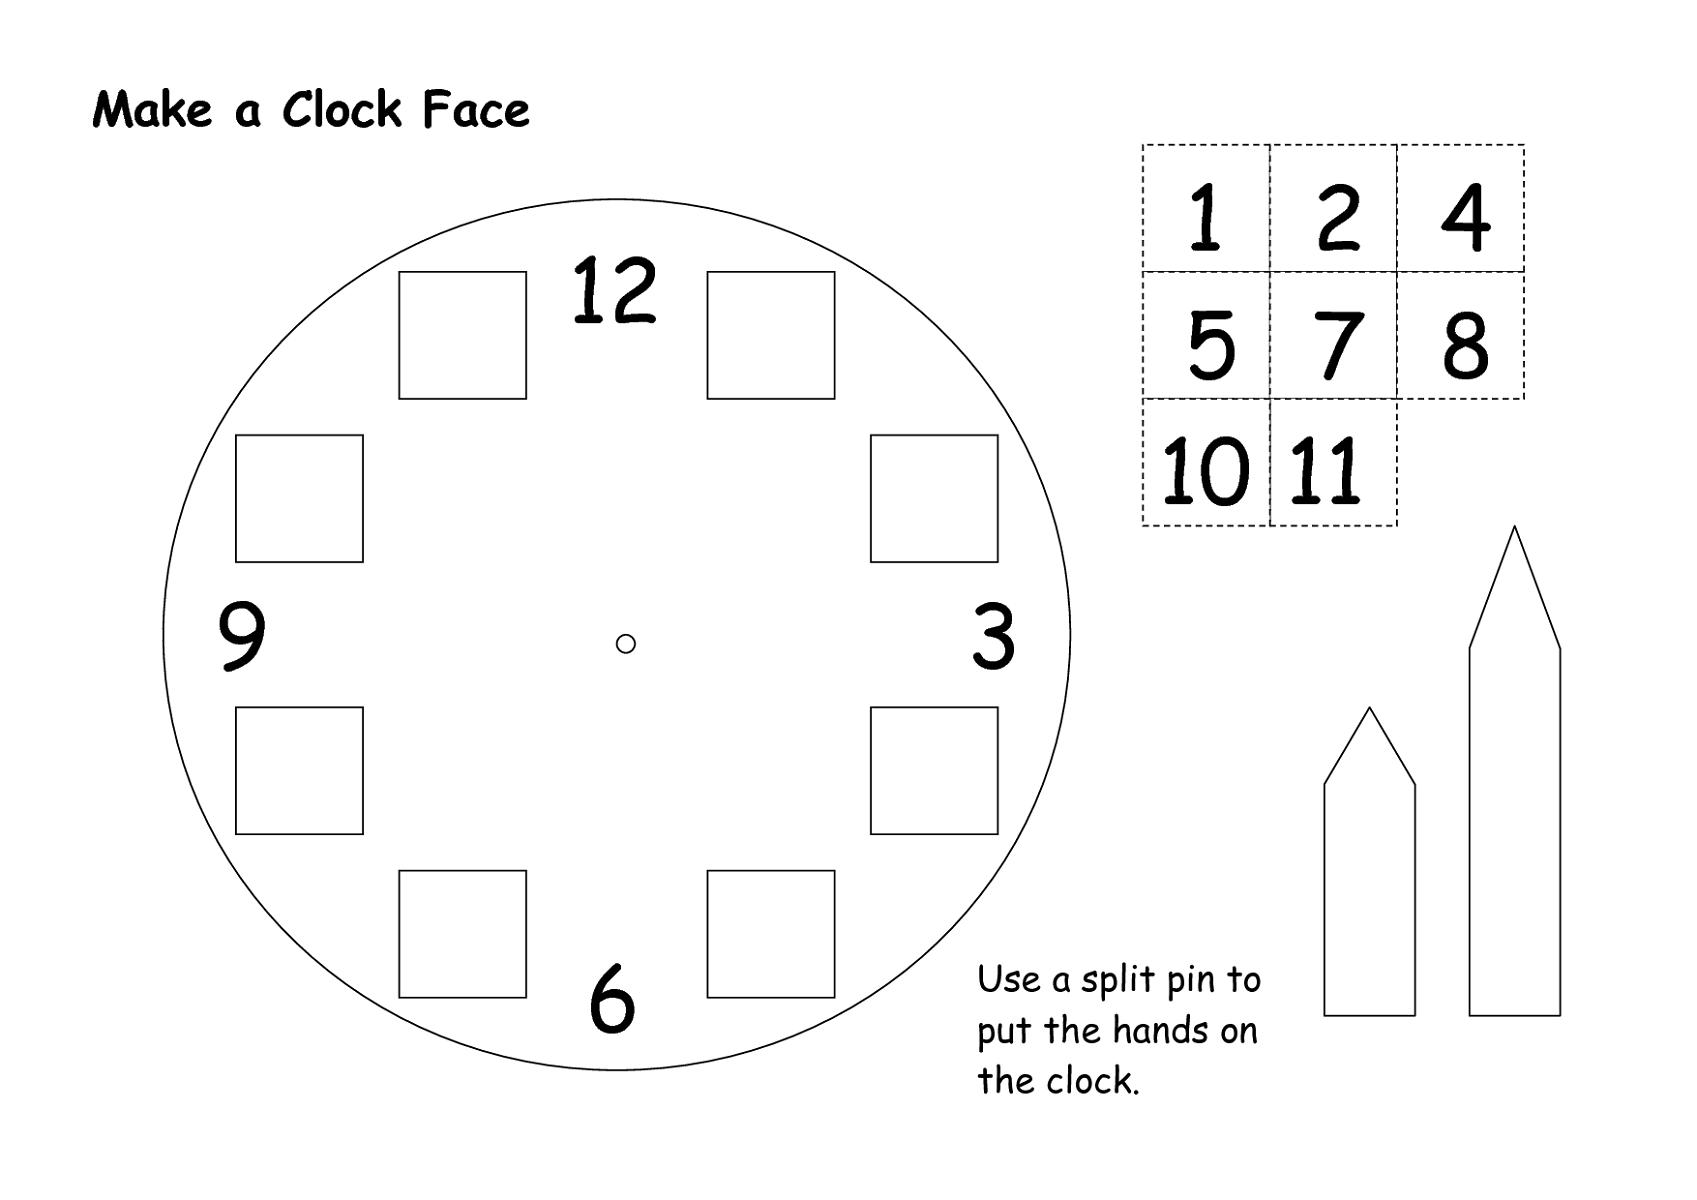 clock face templates for easy learning kiddo shelter kids worksheets printable pinterest. Black Bedroom Furniture Sets. Home Design Ideas